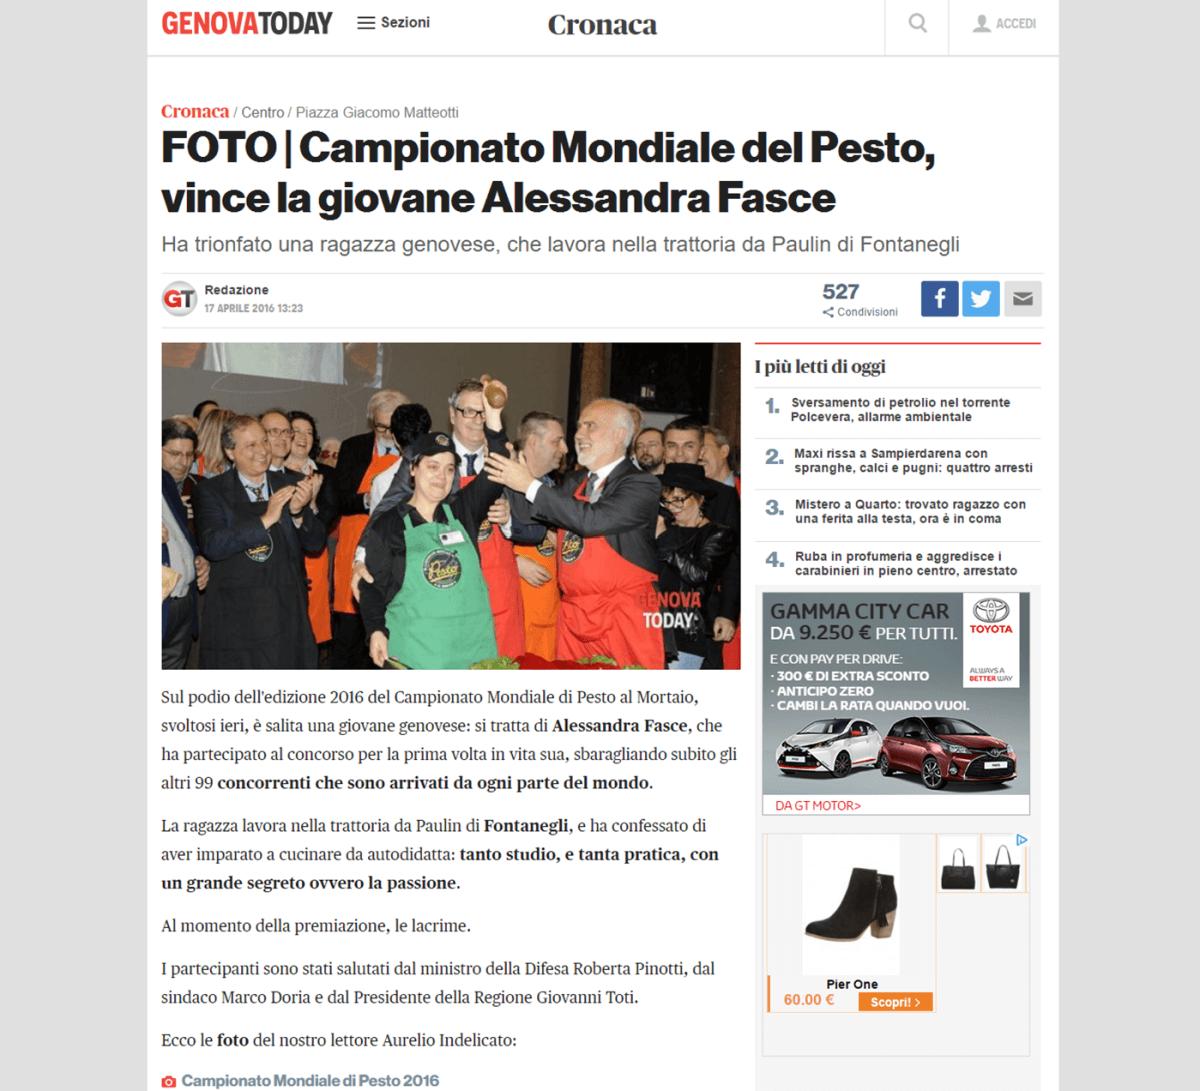 Genova Today 17 Aprile - 16 Aprile 2016